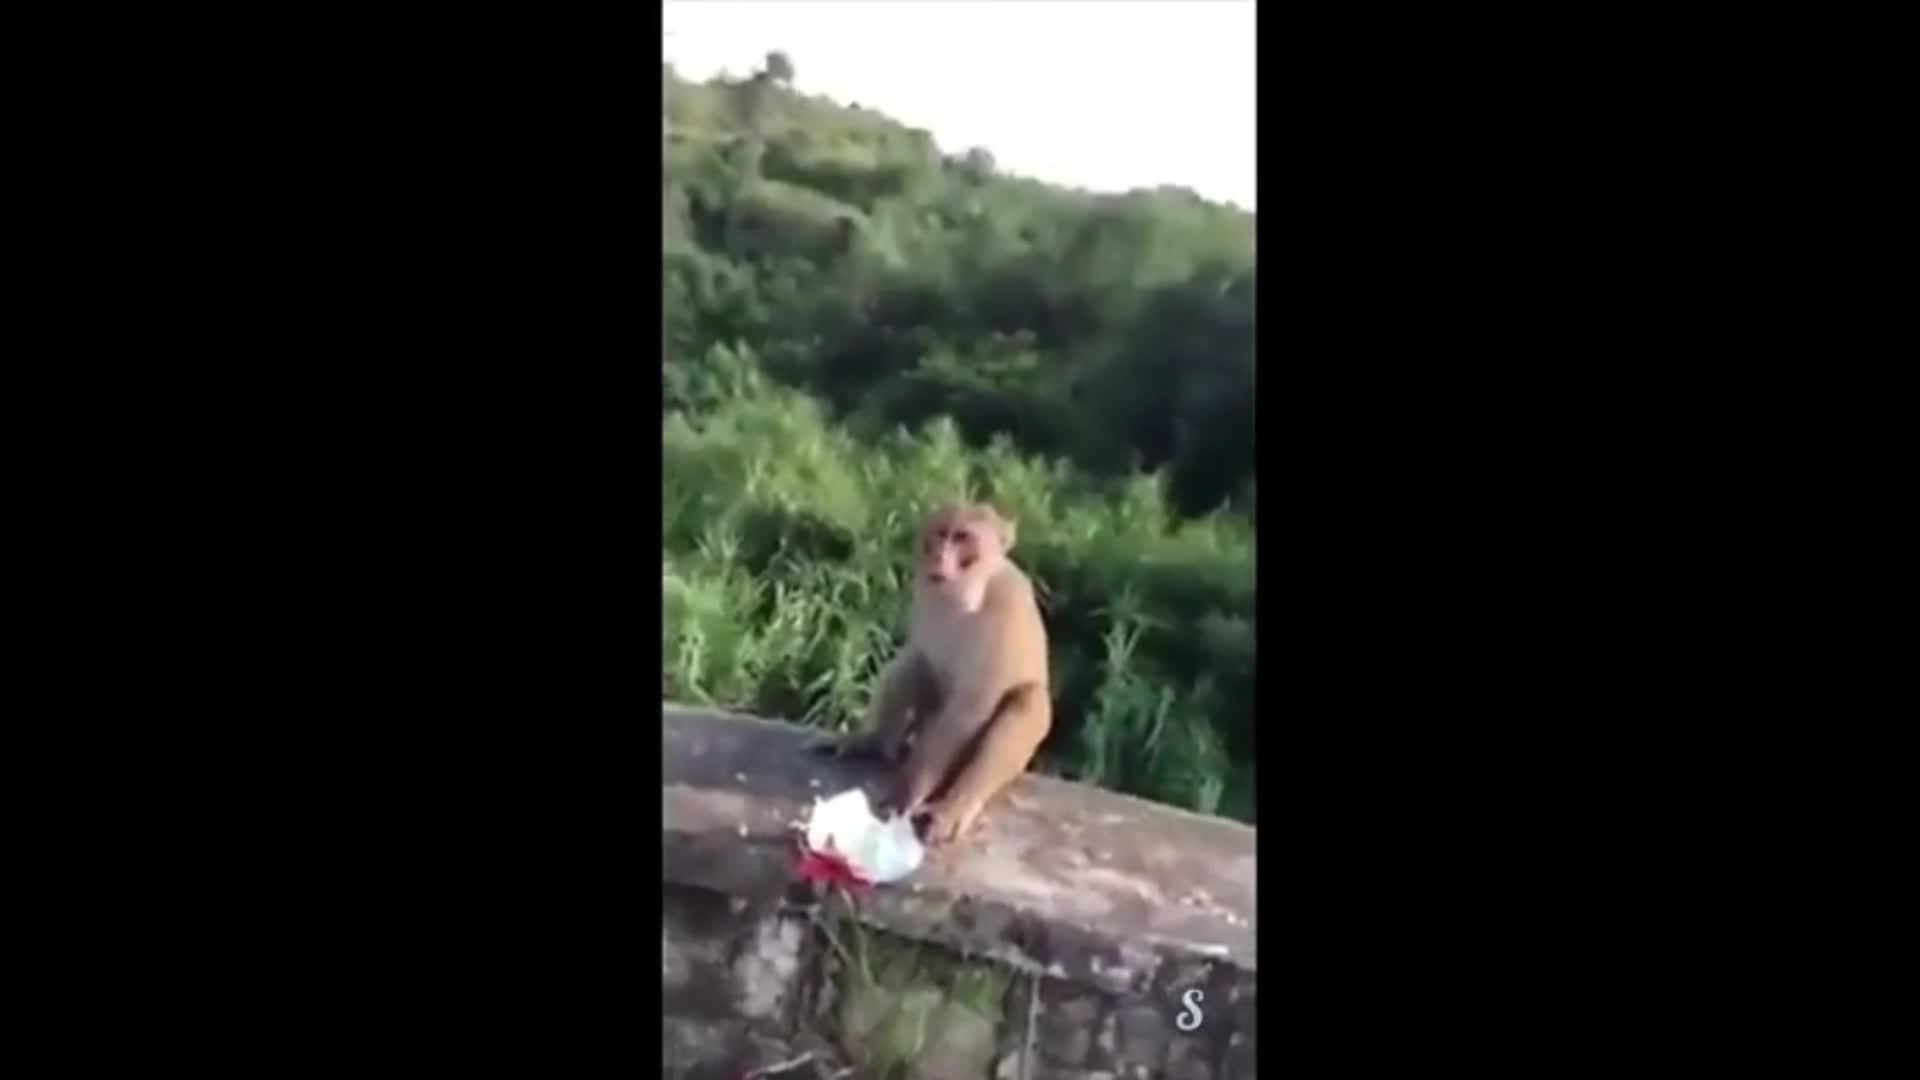 残忍!实拍:猴子讨食手指被炸鲜血淋漓 男子放声大笑